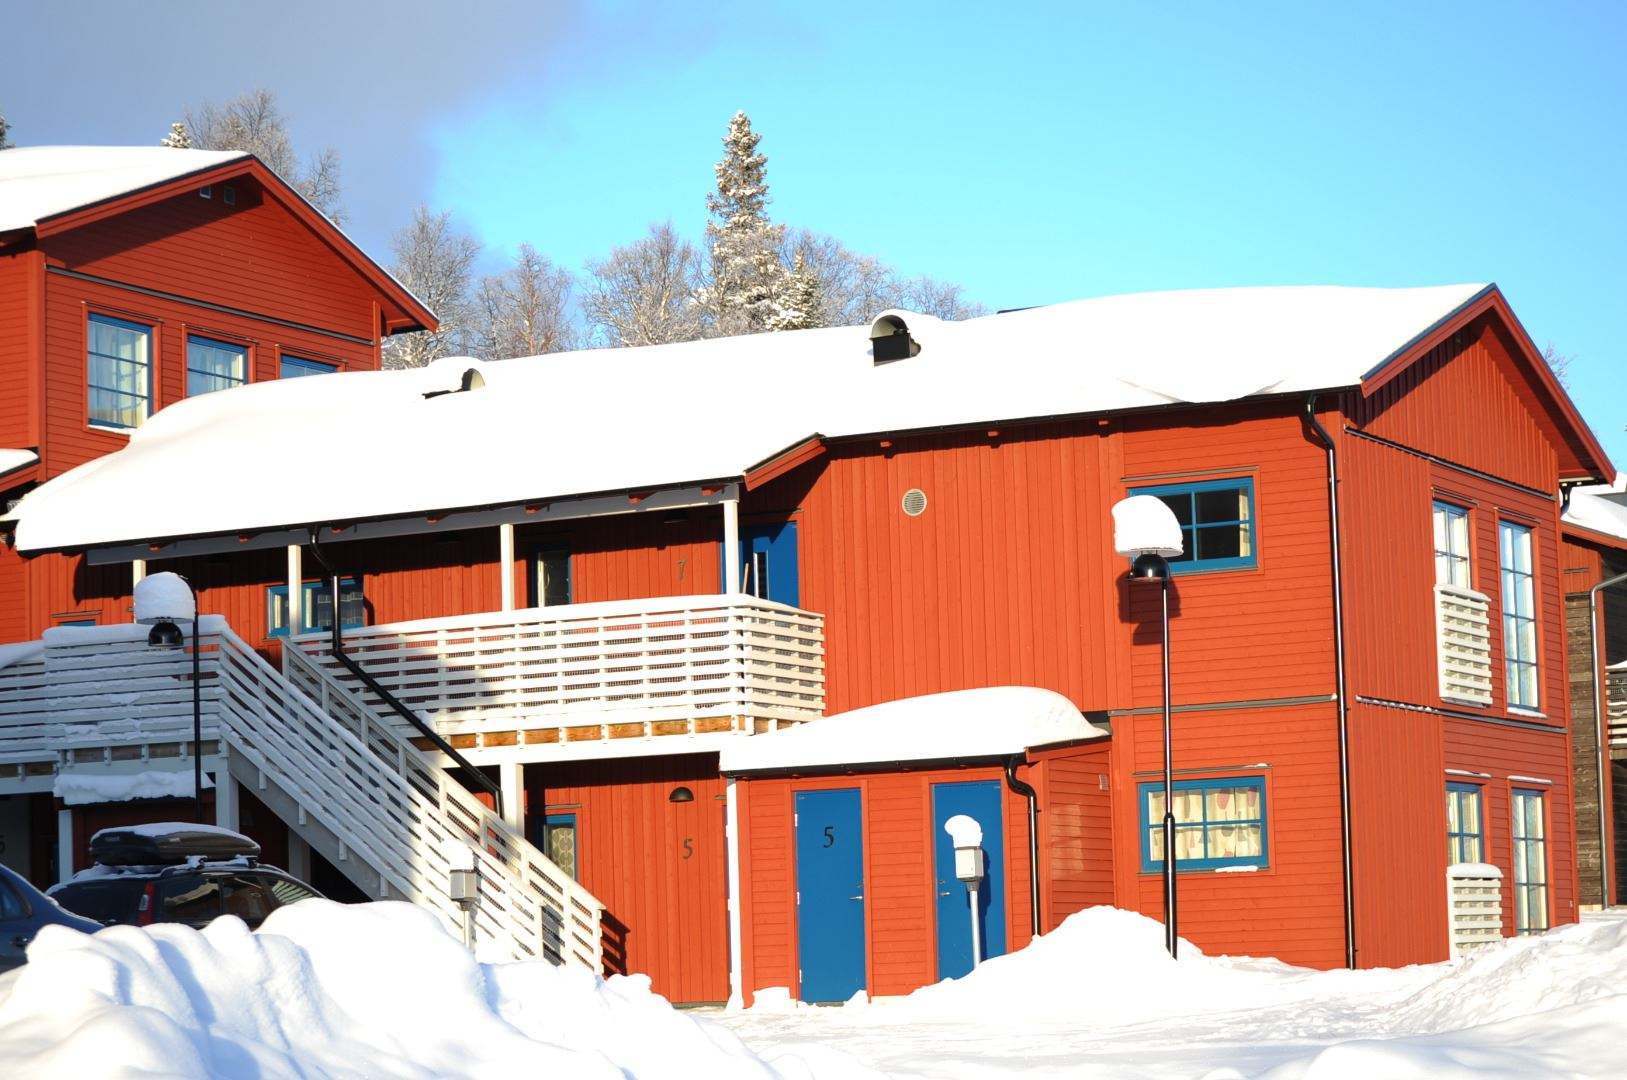 Bydalens Wärdshus